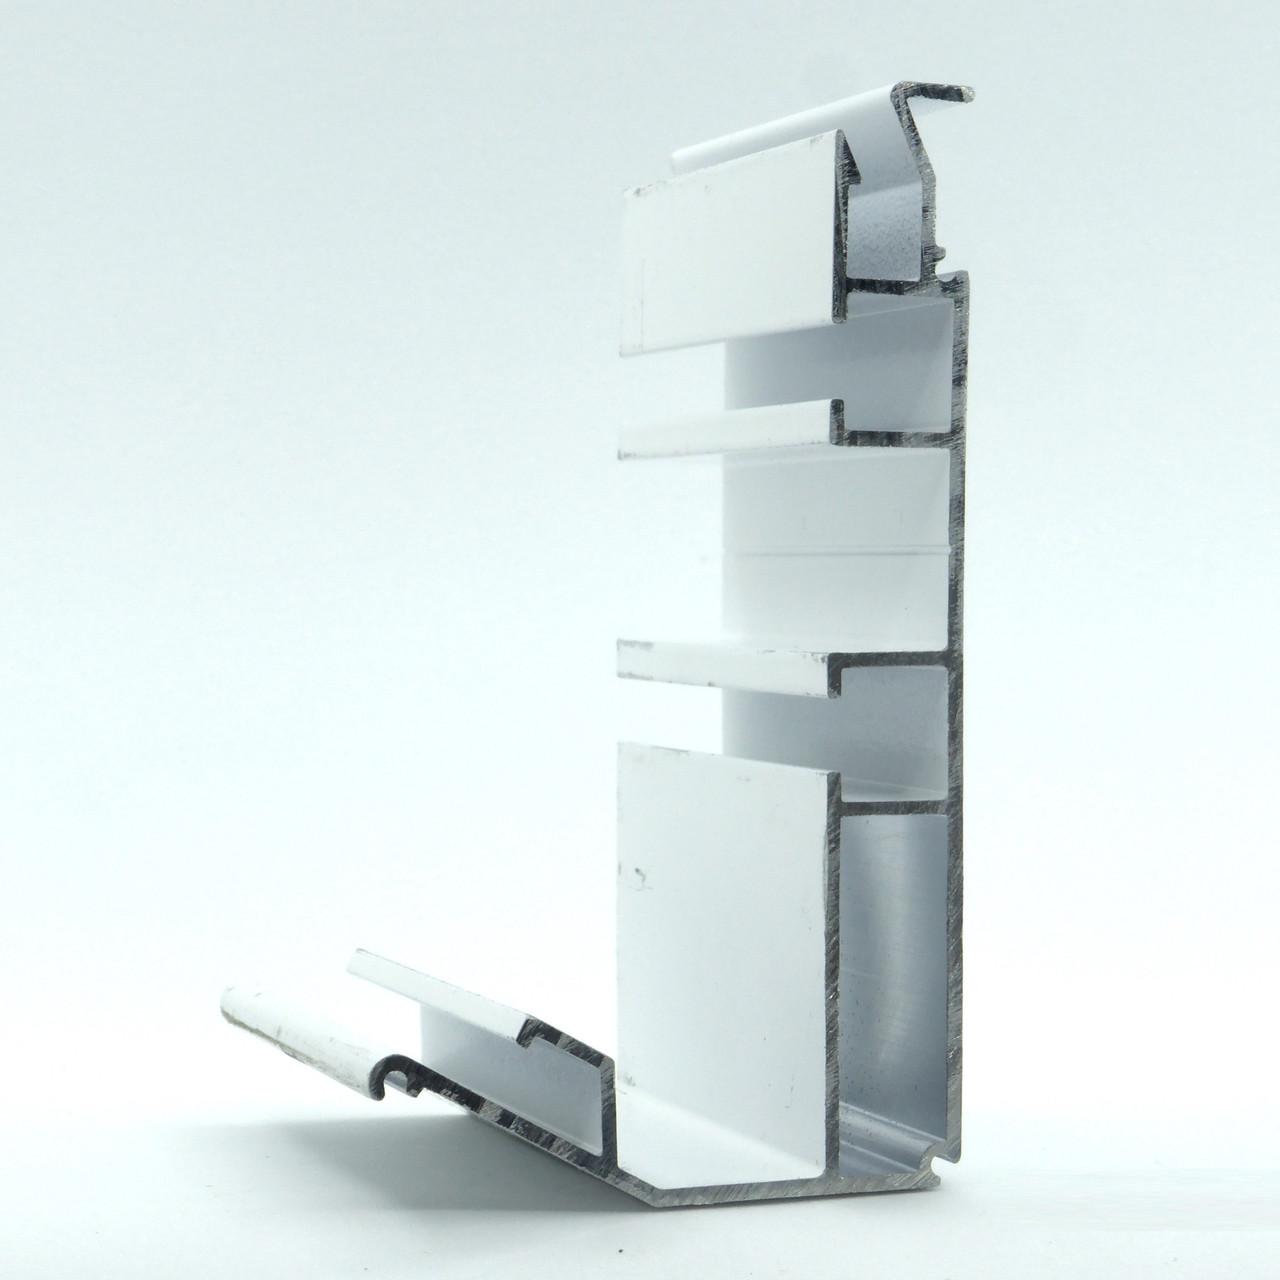 Профиль алюминиевый - Гардина двухполосный. Длина профиля 2,5 м.